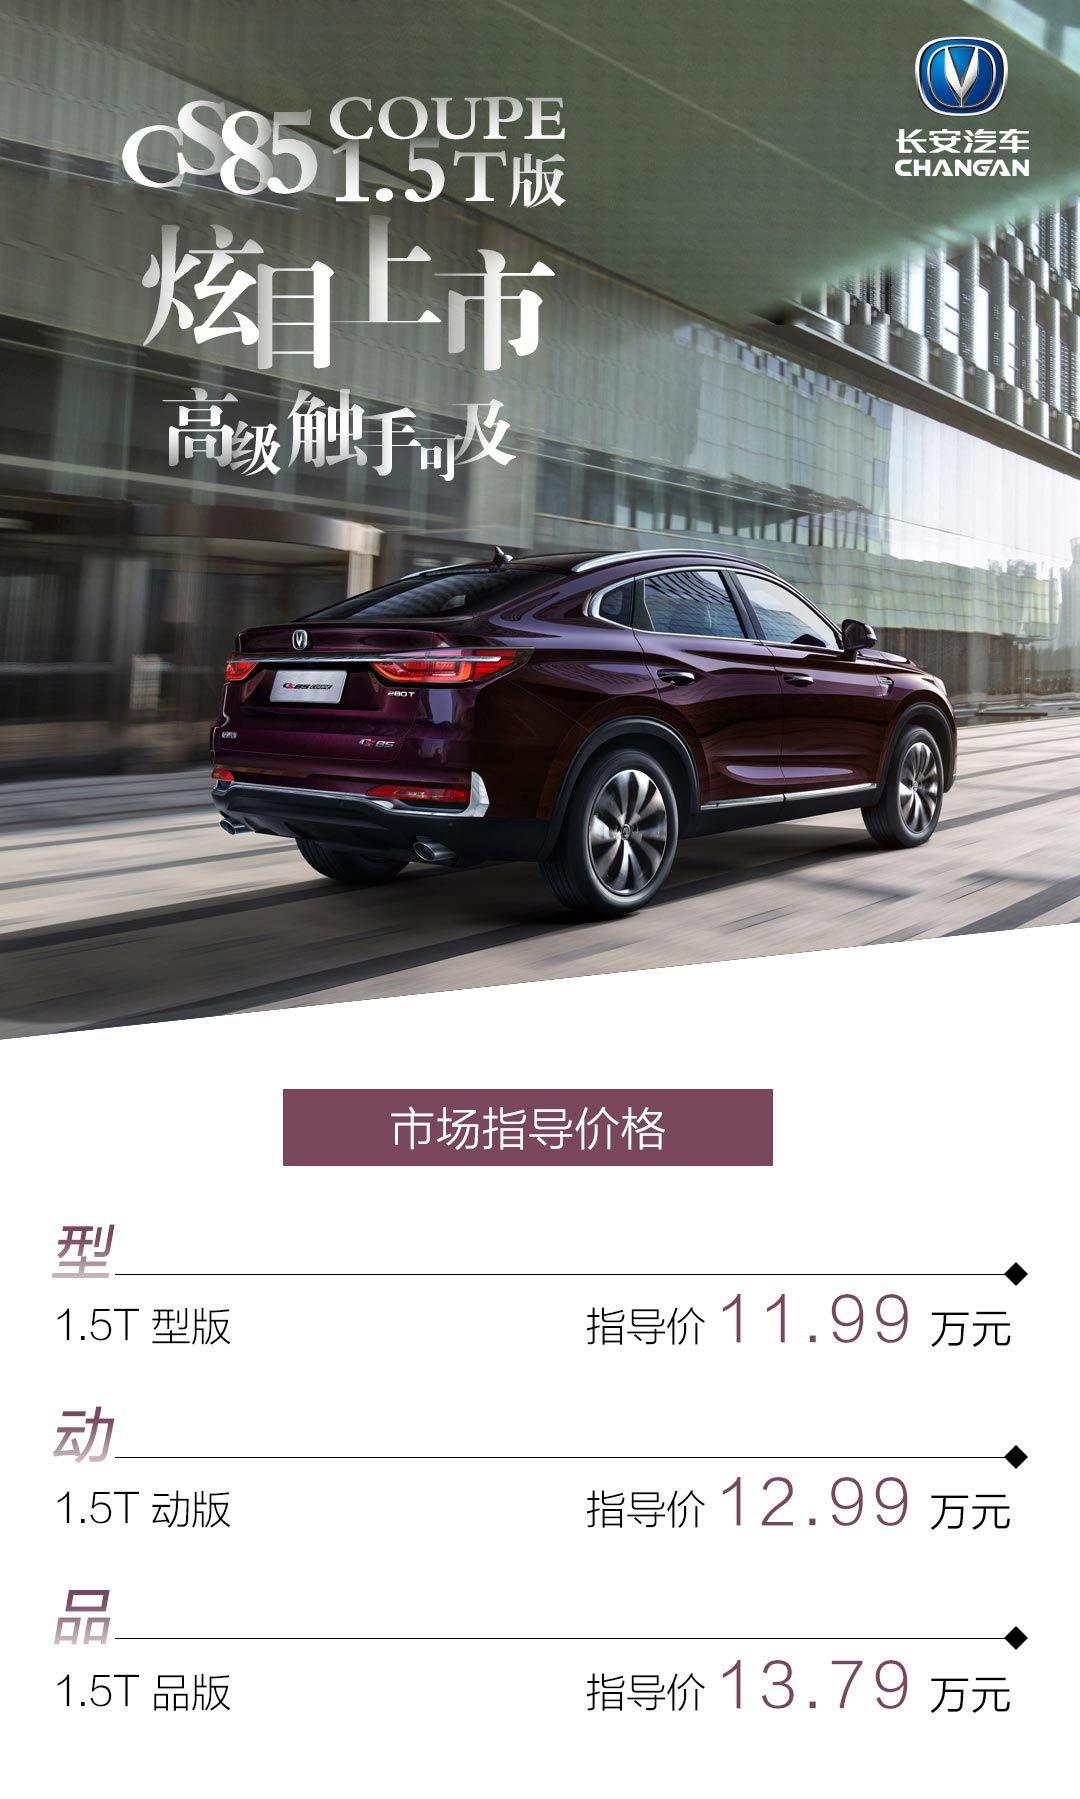 长安CS85 COUPE 1.5T上市 售价11.99万元起